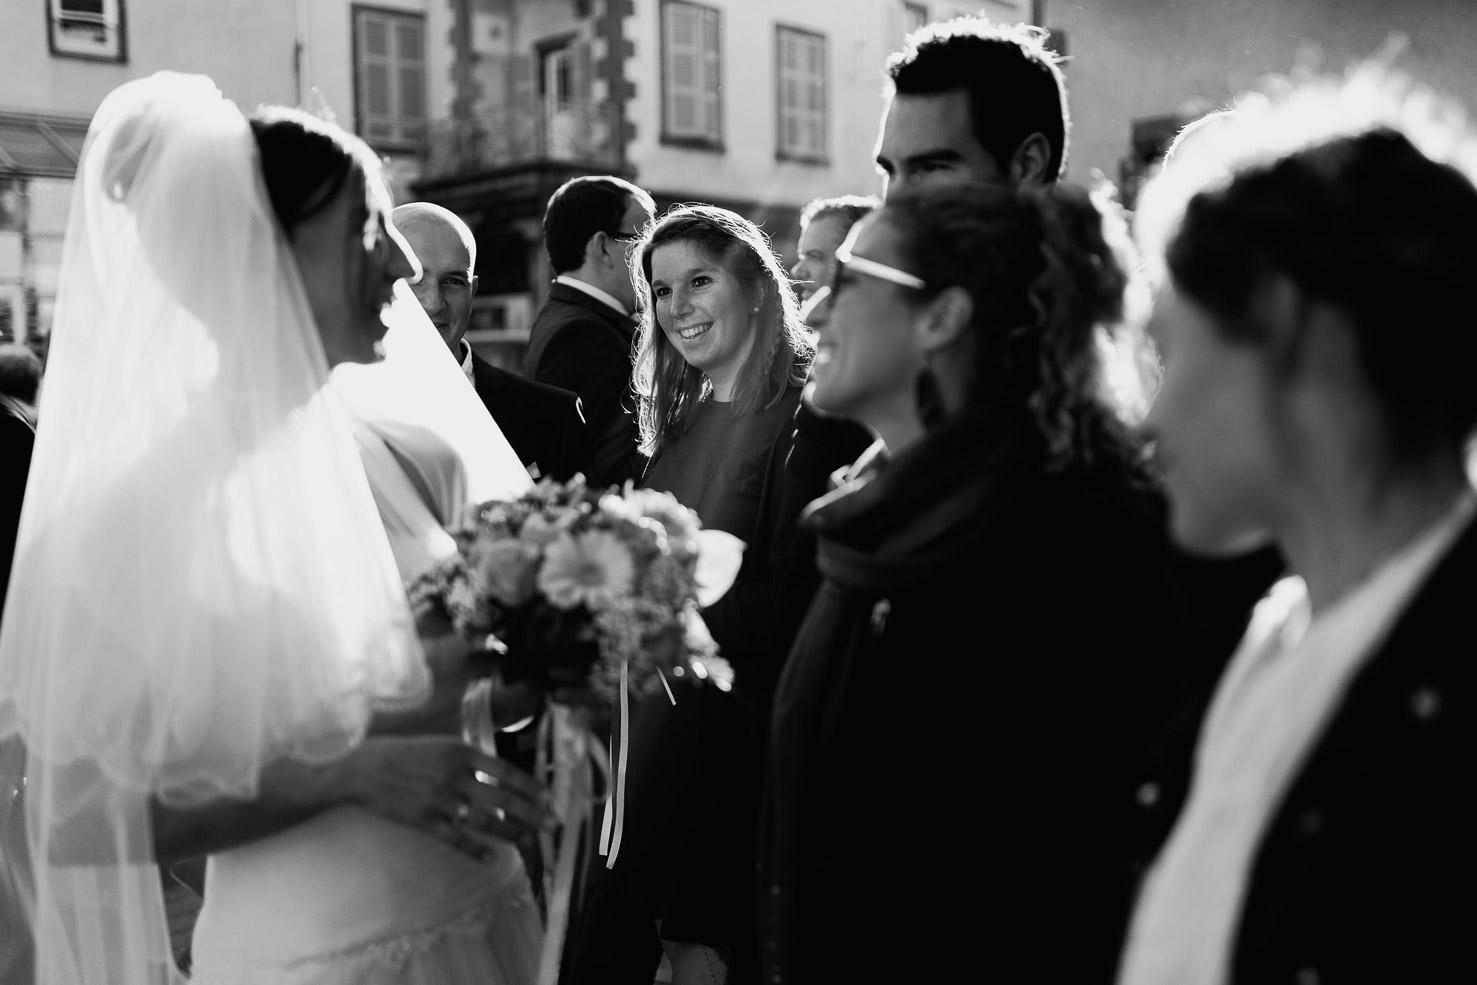 Hotel Royal Saint Mart Royat Clermont Ferrand La mariée félicitée par ses amies